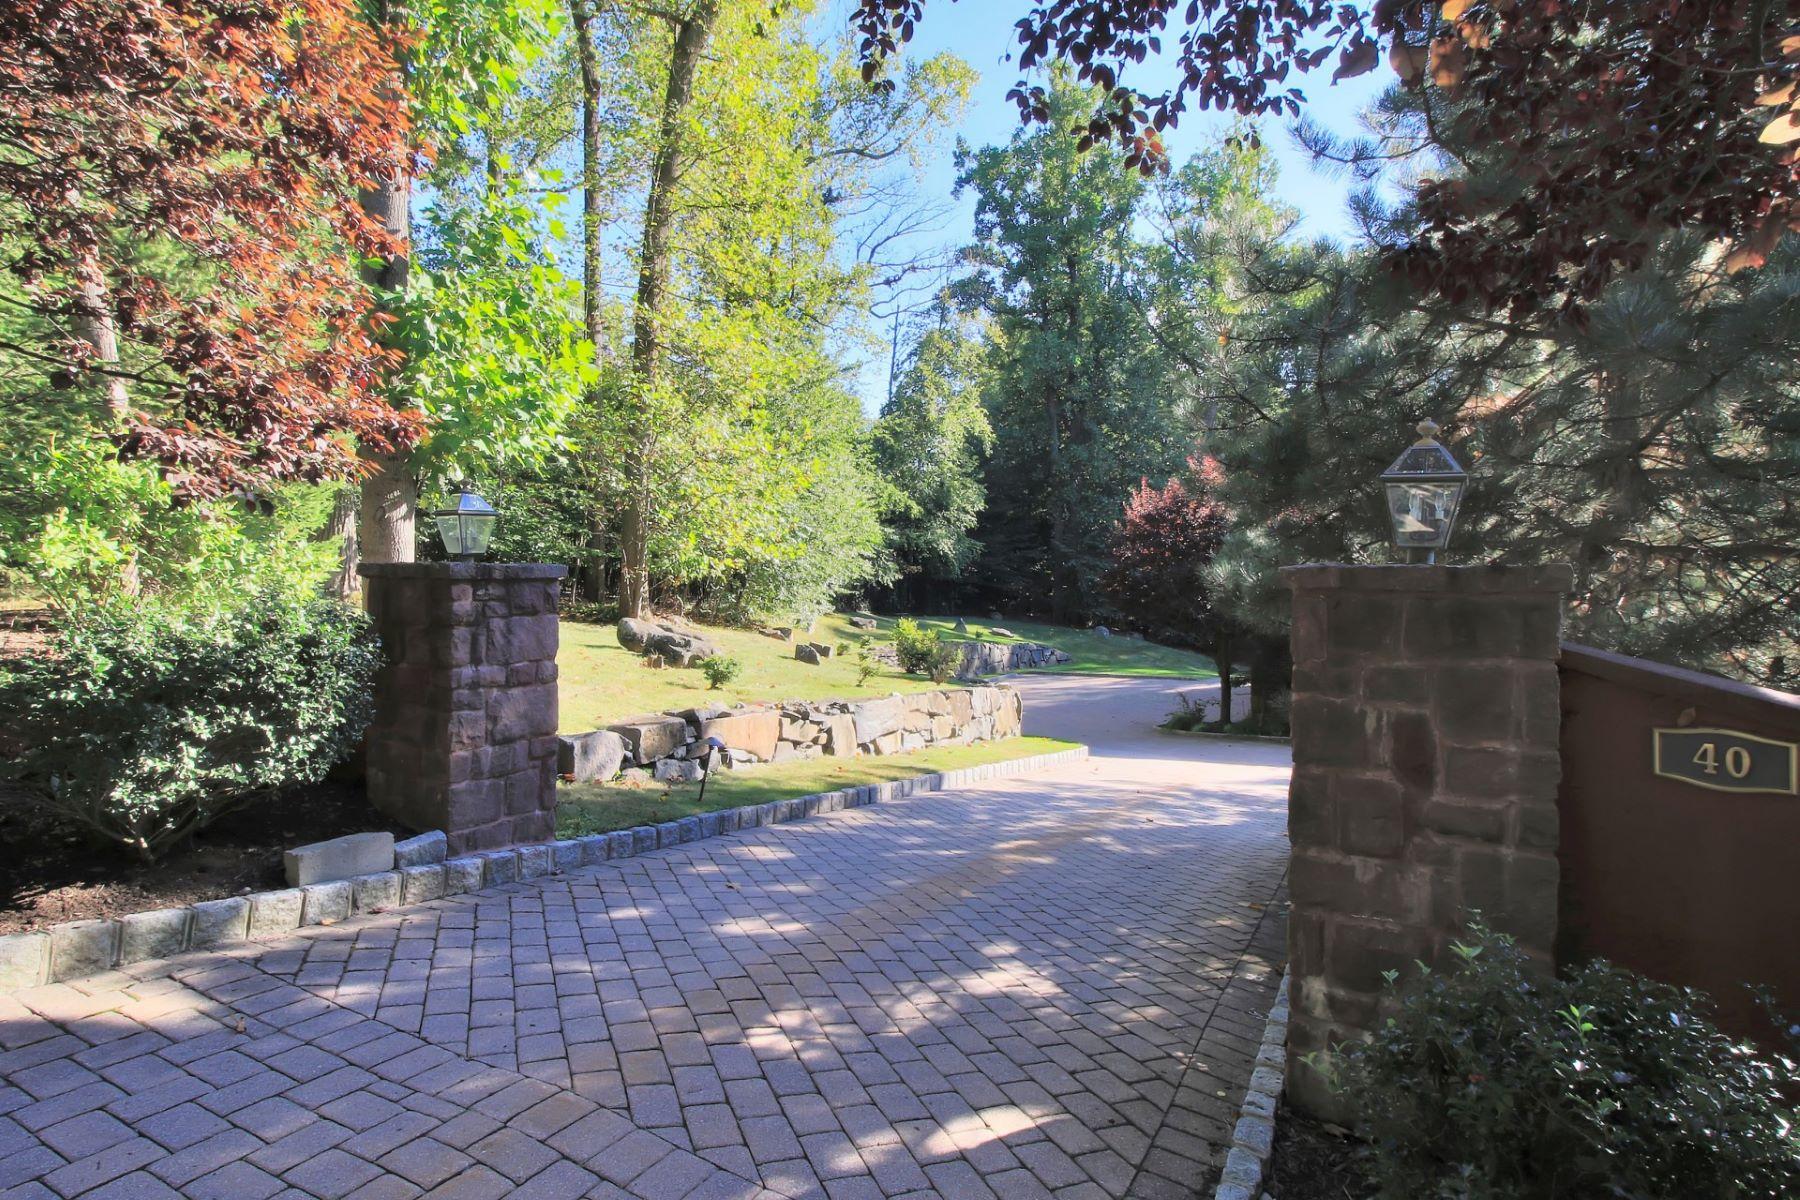 独户住宅 为 销售 在 Impressive Brick & Stone Colonial 40 Litchfield Way 阿尔派恩, 07620 美国